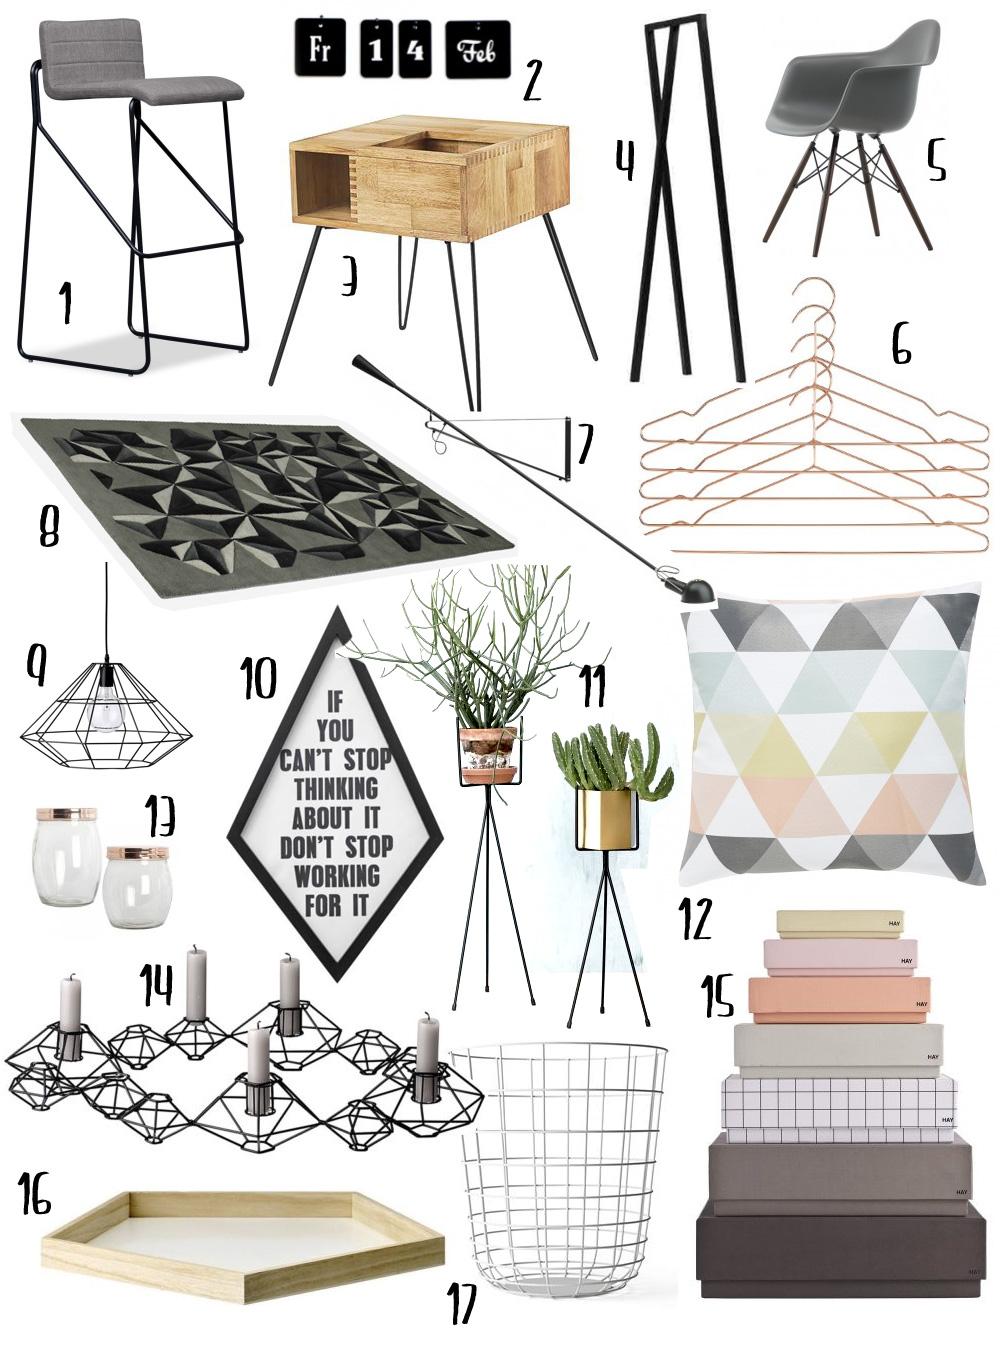 ... Die Ultimative Liste An Onlineshops Mit Tollen Möbeln Abseits Von Ikea  Und Einigen Inspirationen, Die Ich Bei Pinterest Entdeckt Habe.